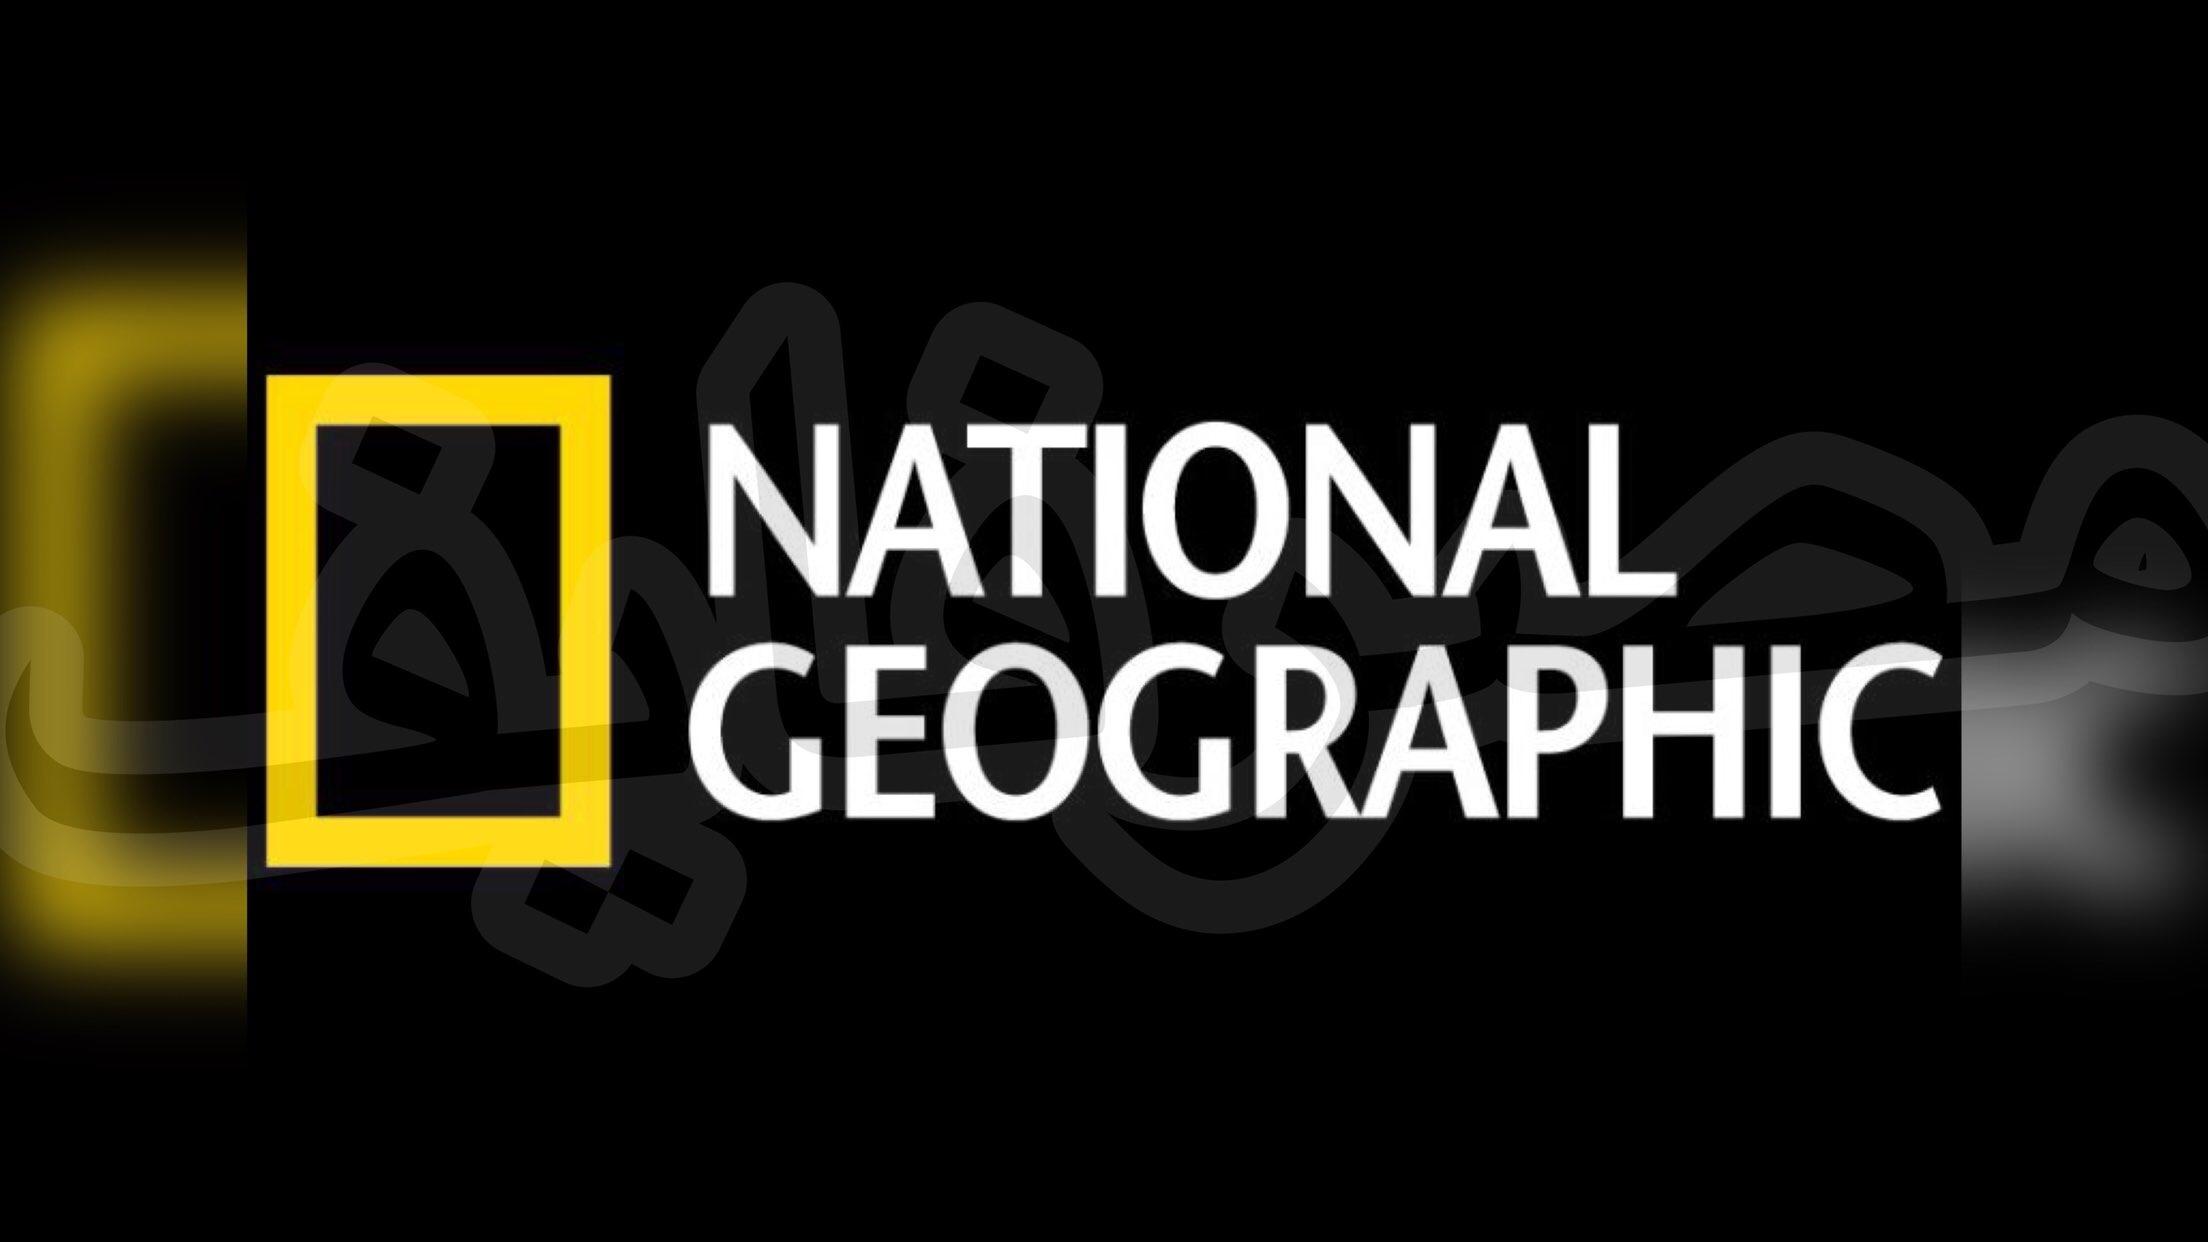 تردد قناة ناشيونال جيوغرافيك ابوظبي واهم ما يُعرض عليها 2021